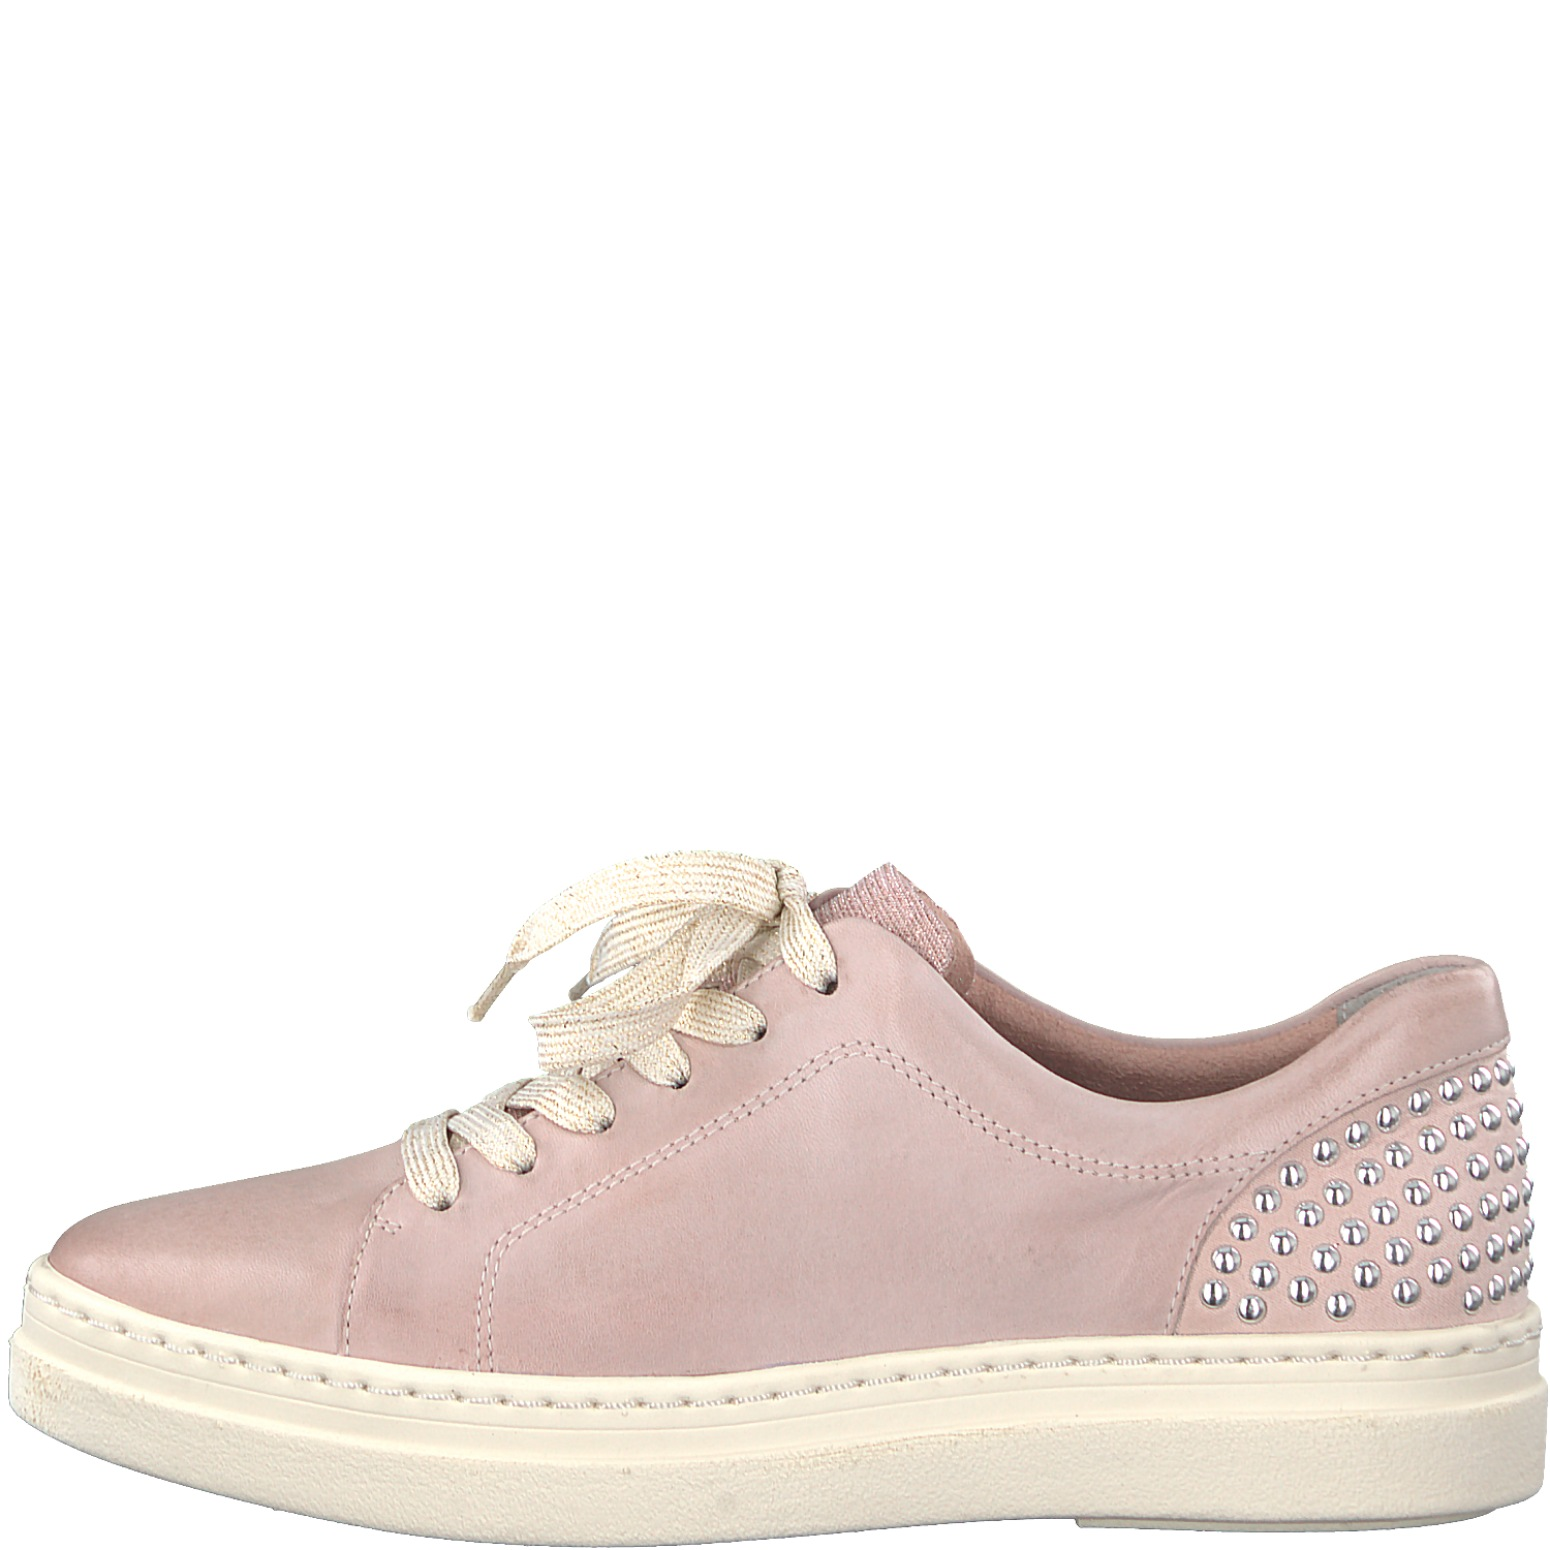 Tamaris 1 23743 20 521 Damen Rose Rosa Sneaker Halbschuh mit